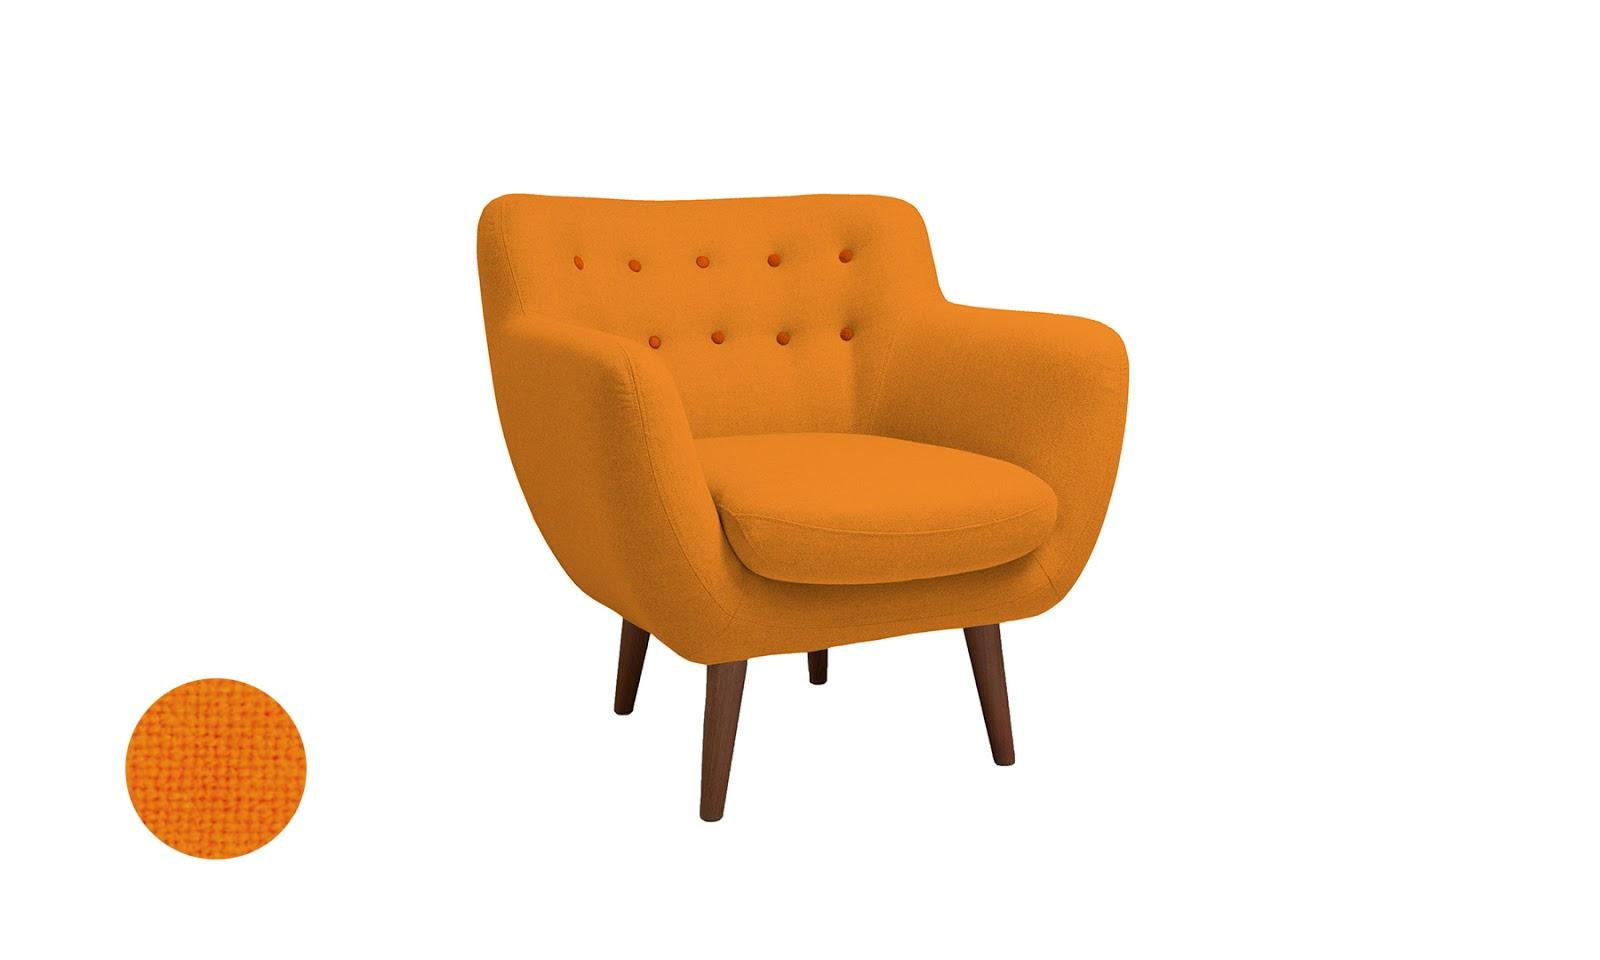 Le petit fauteuil audy fhn blog mode lifestyle beaut hair journey - Fauteuil sentou ...